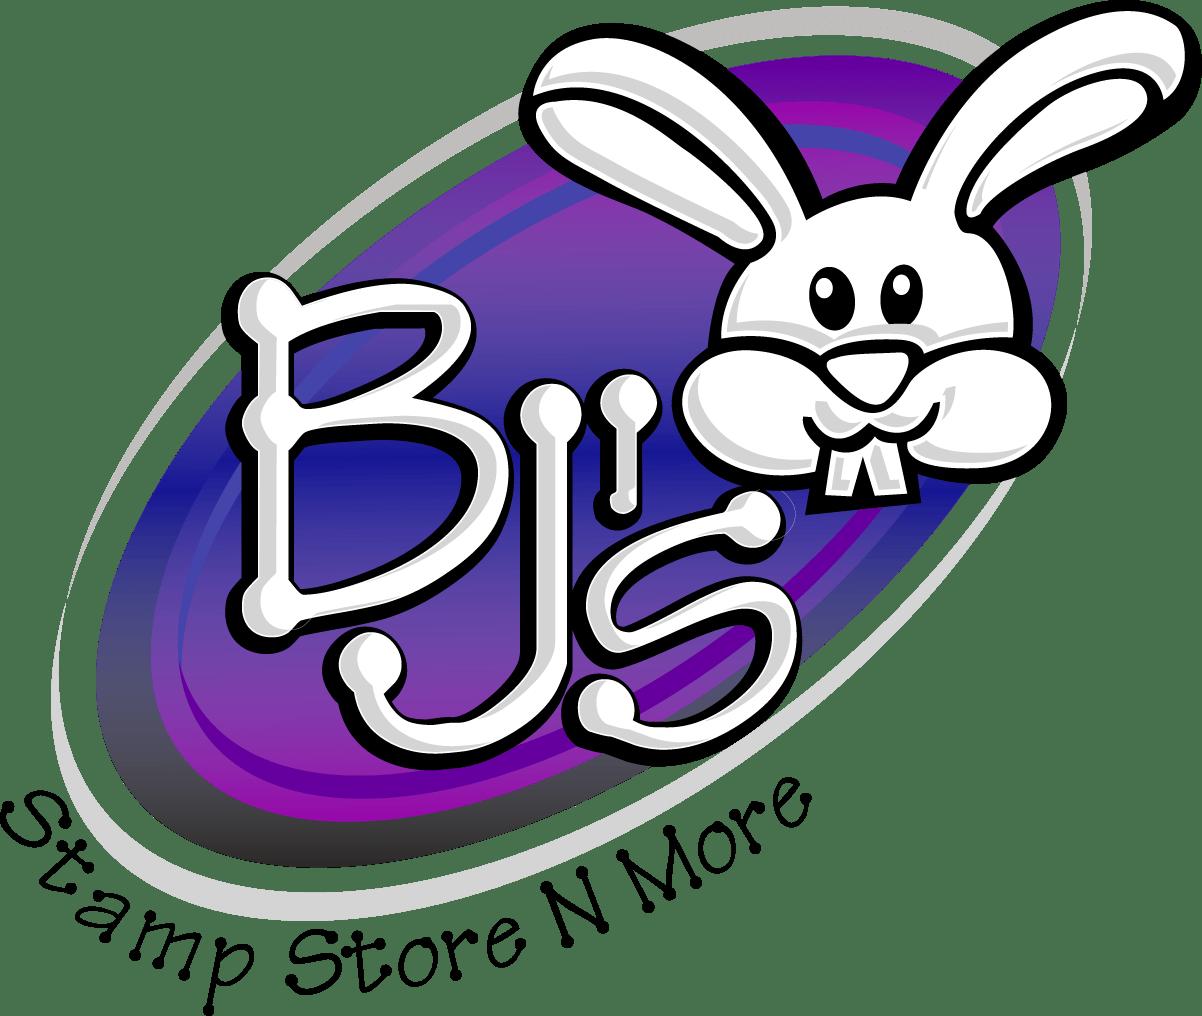 BJ's Stamp Store N More Logo